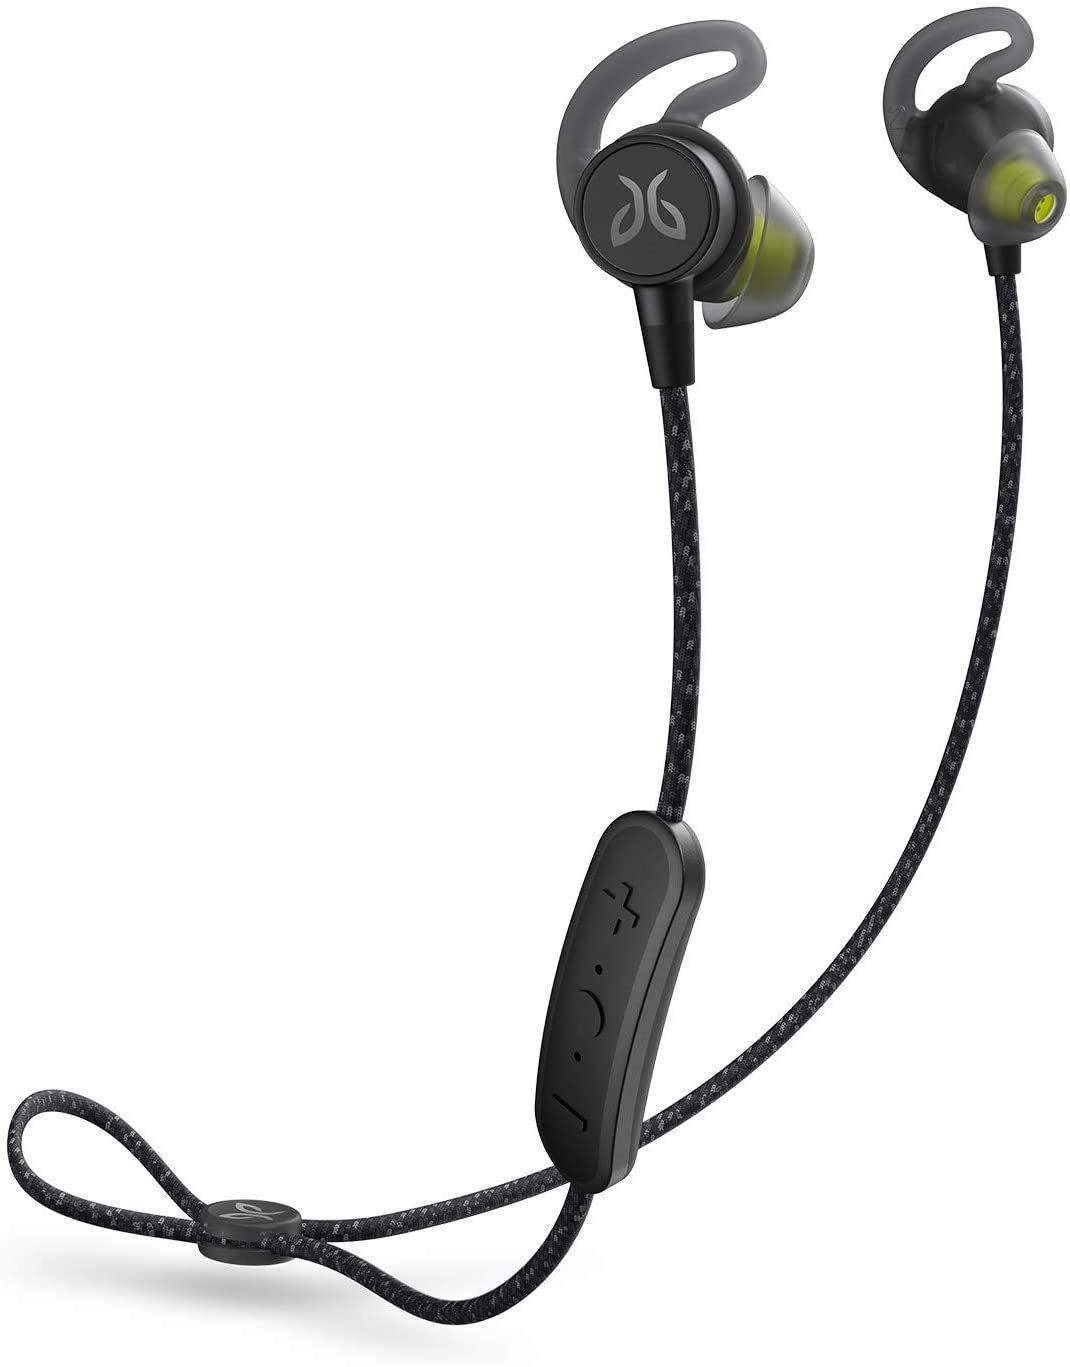 Jaybird In-Ear Headphones